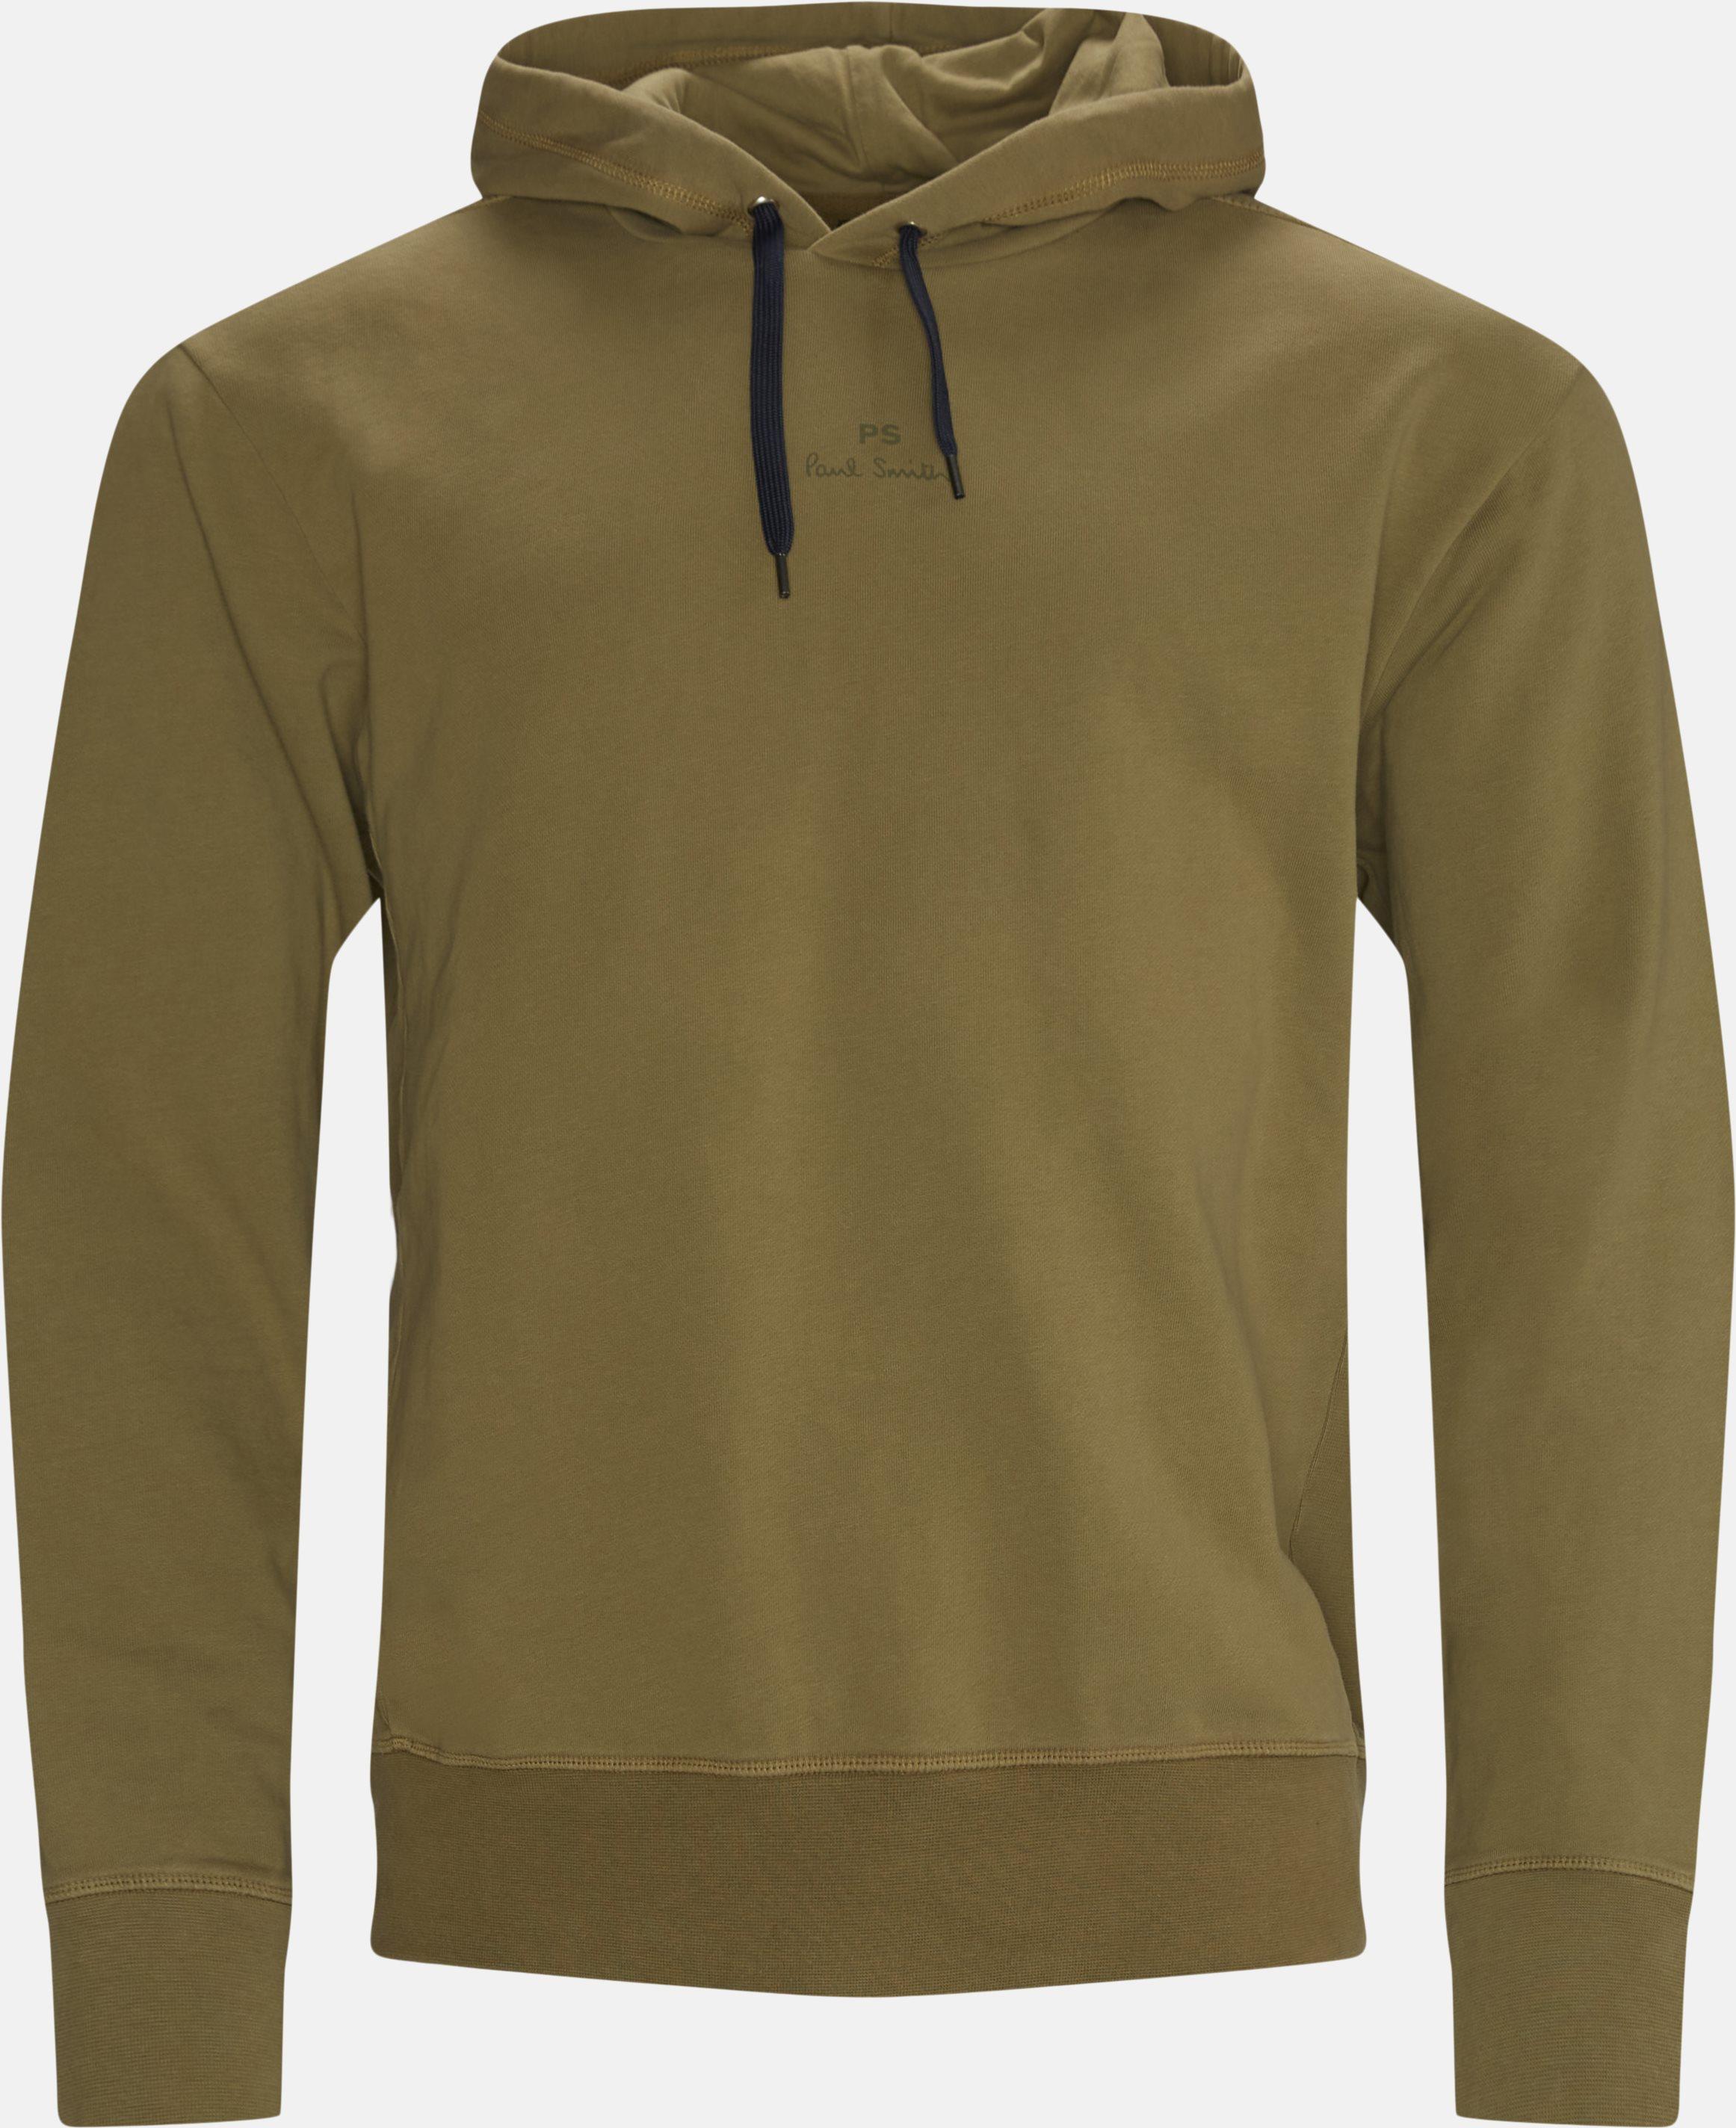 Logo Hoodie - Sweatshirts - Regular fit - Army